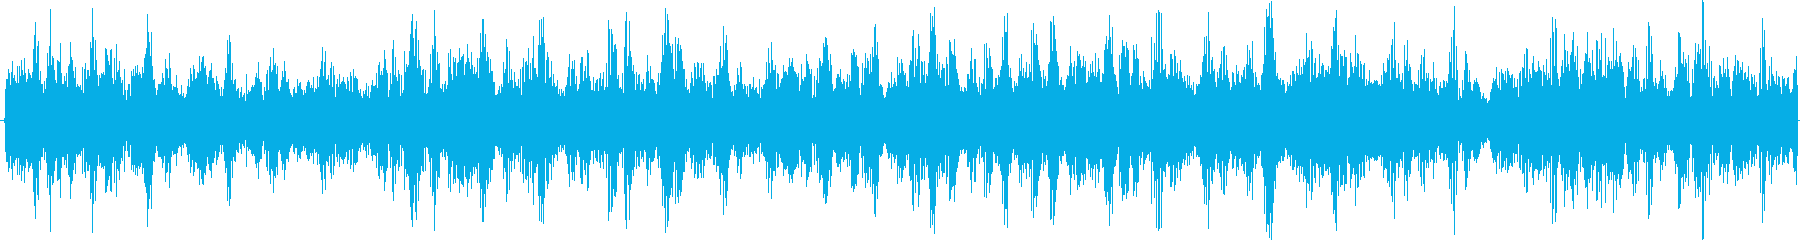 ゲコゲコ(蛙の鳴き声) 音量大の再生済みの波形